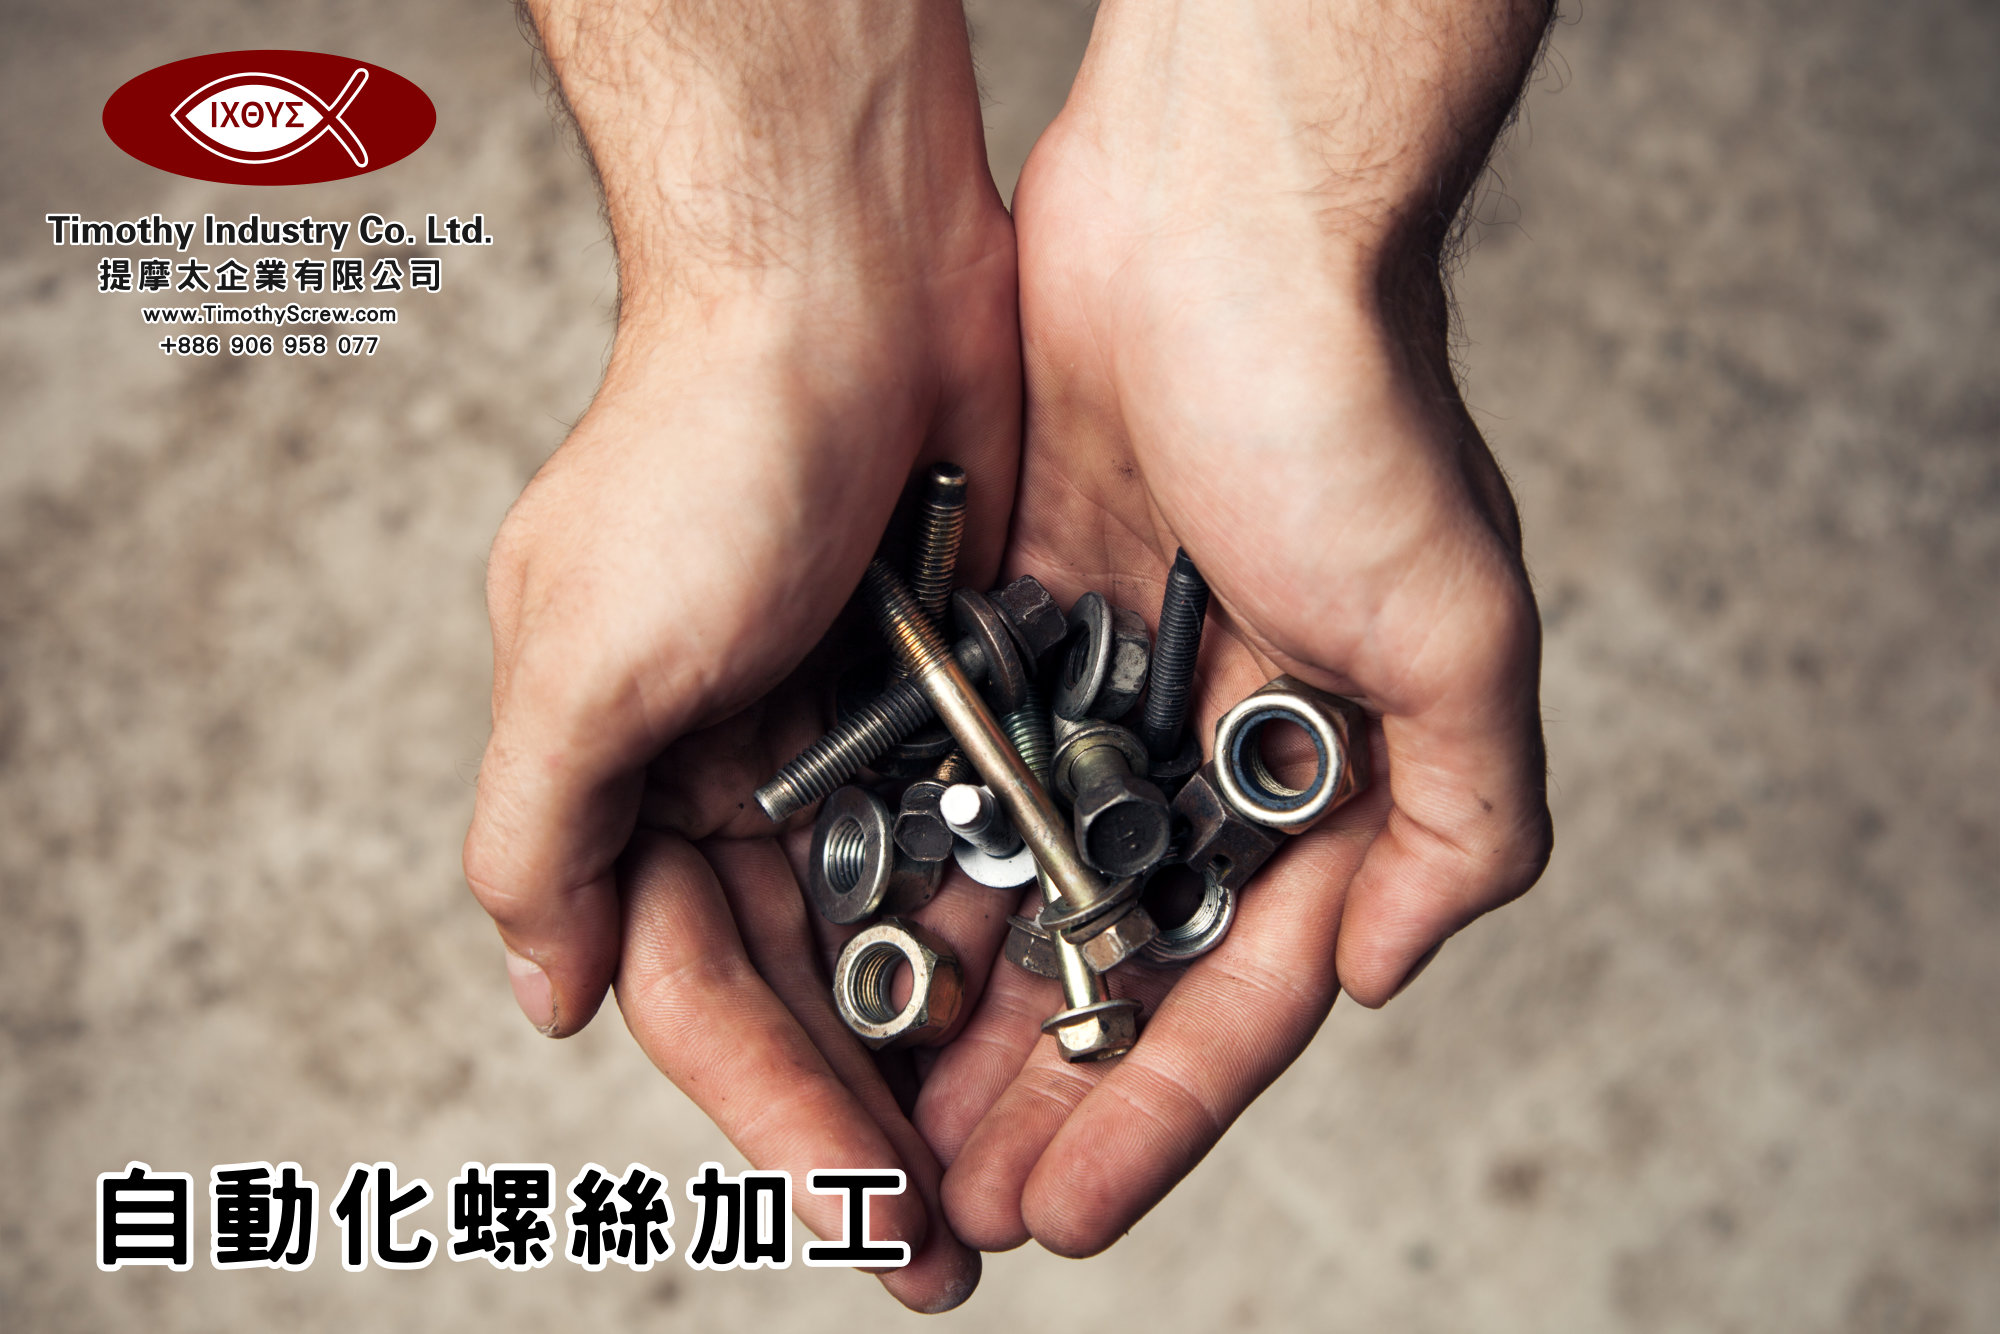 提摩太企業有限公司 Timothy Industry Co Ltd 自動化螺絲加工 車床部 銑床部 台灣自動化螺絲加工 螺絲製造 A28